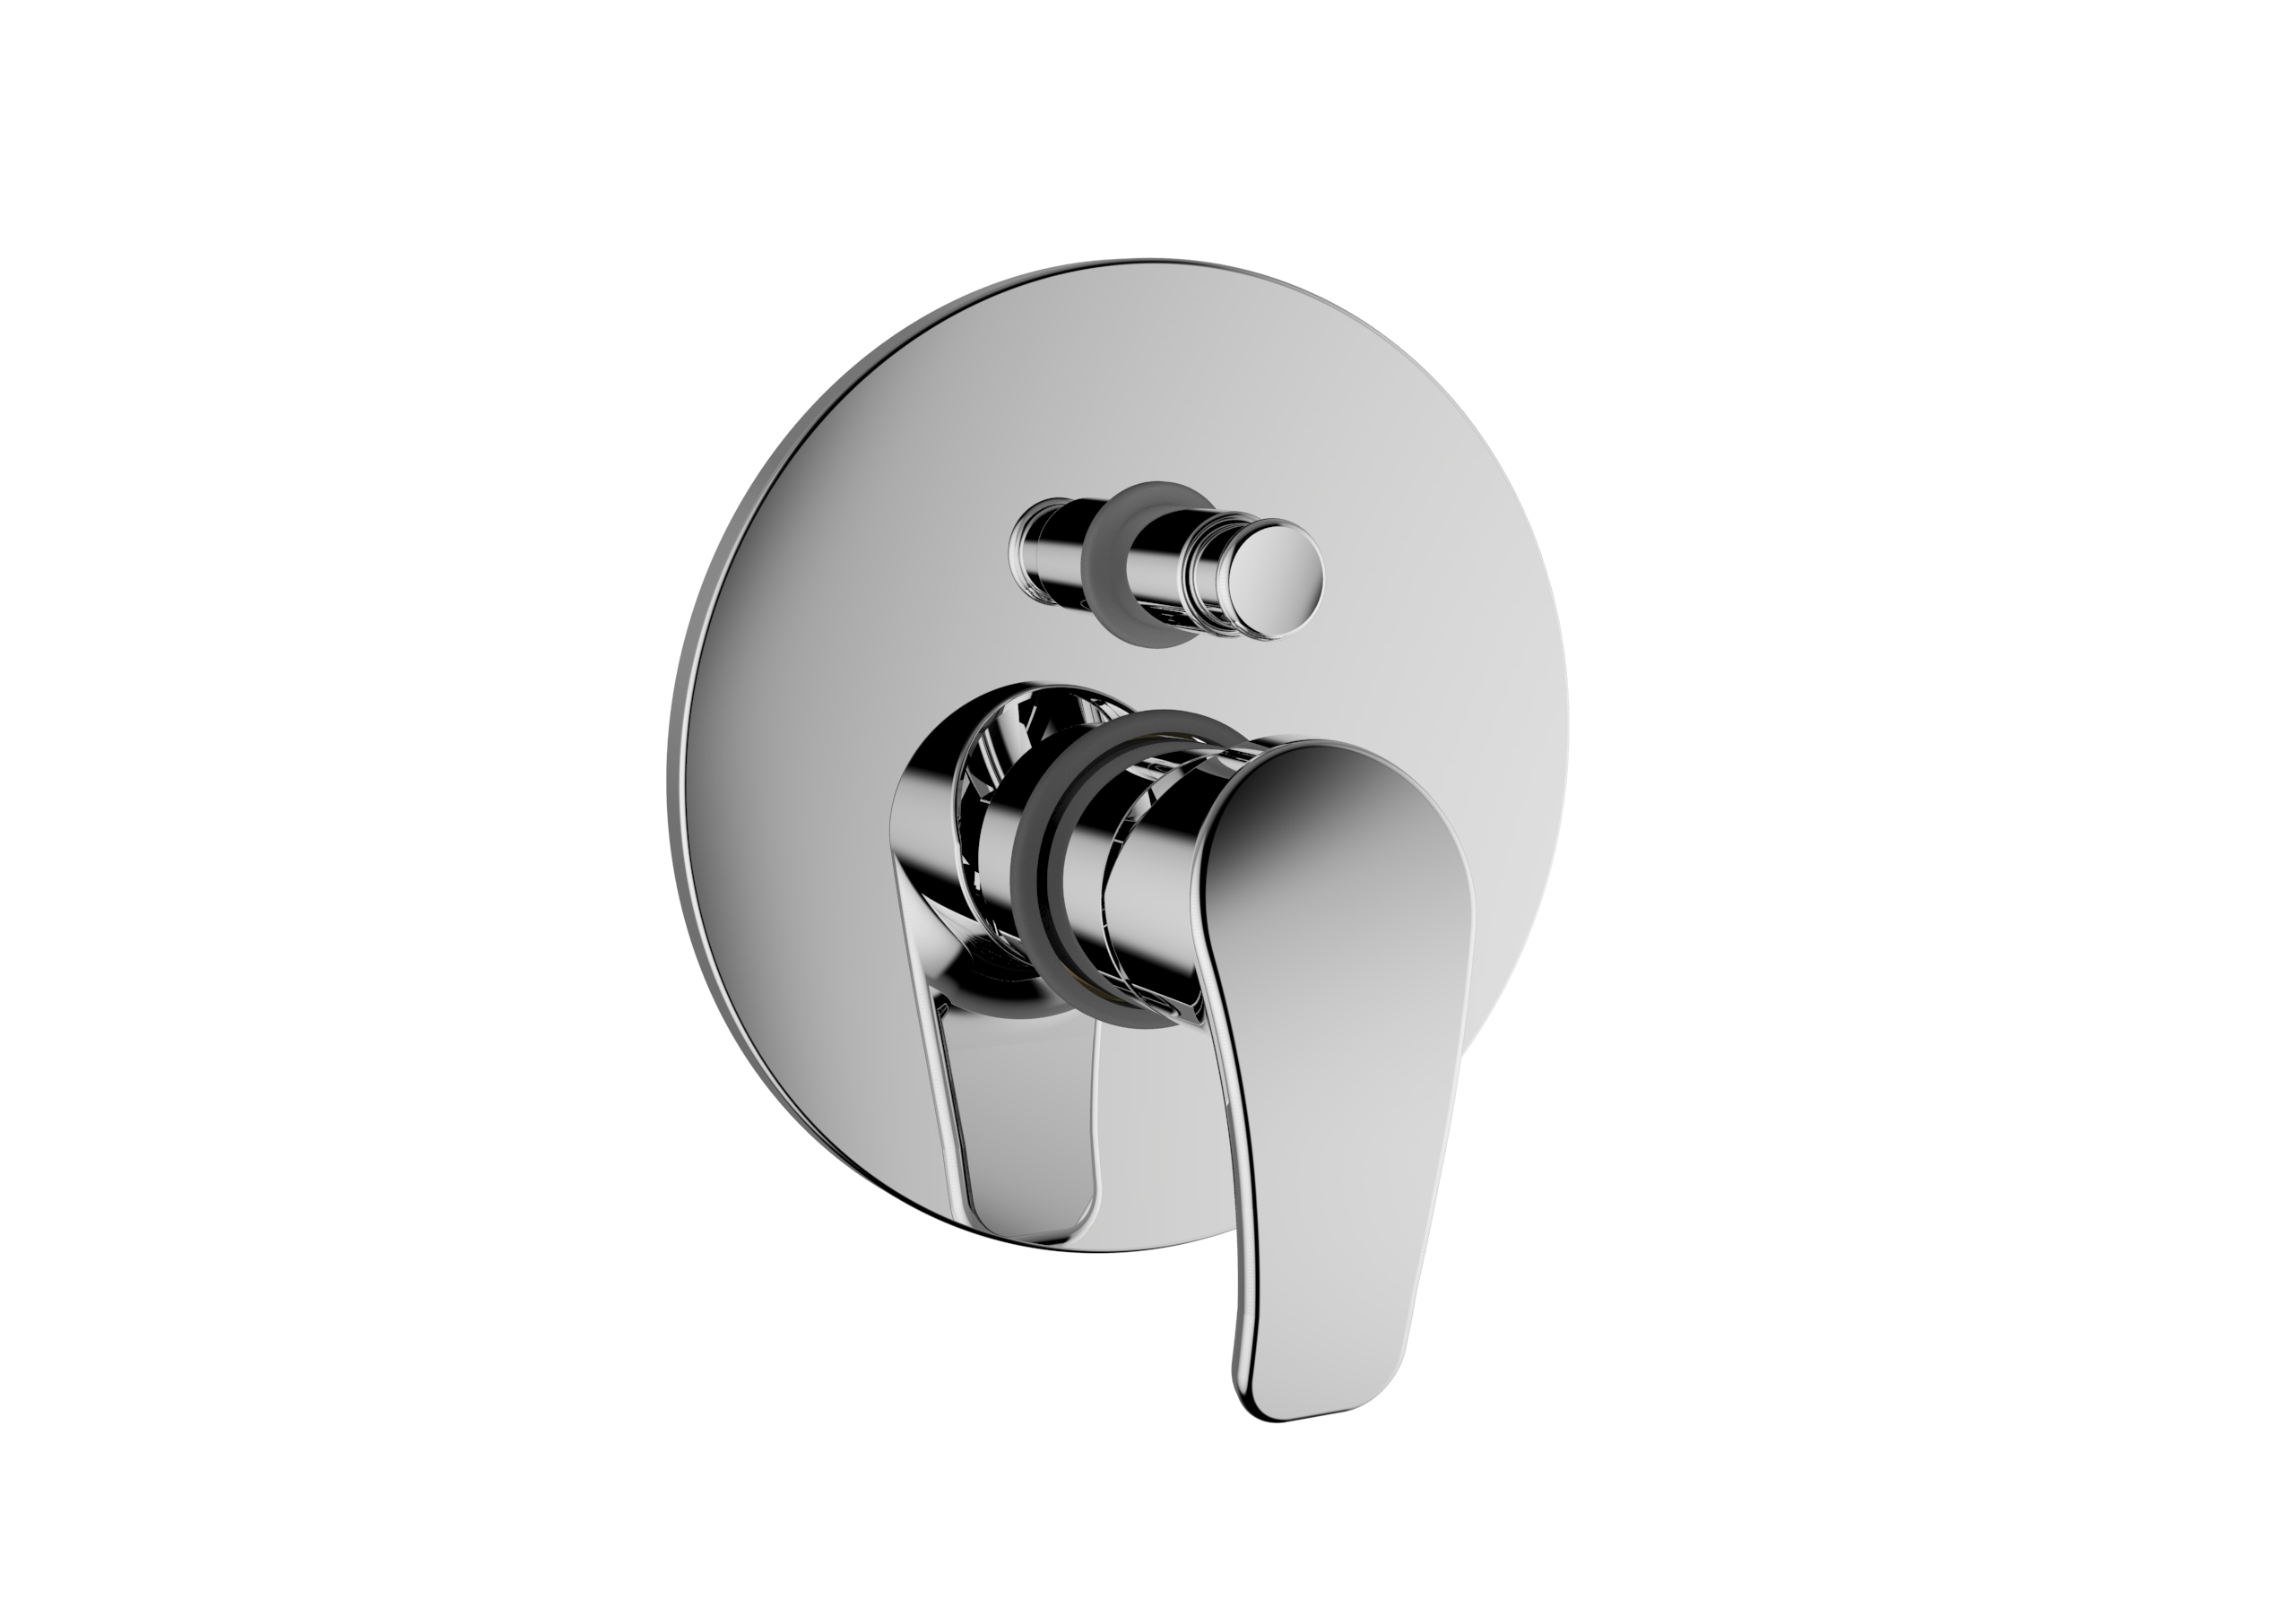 Immagine HD KIWI plate and handle